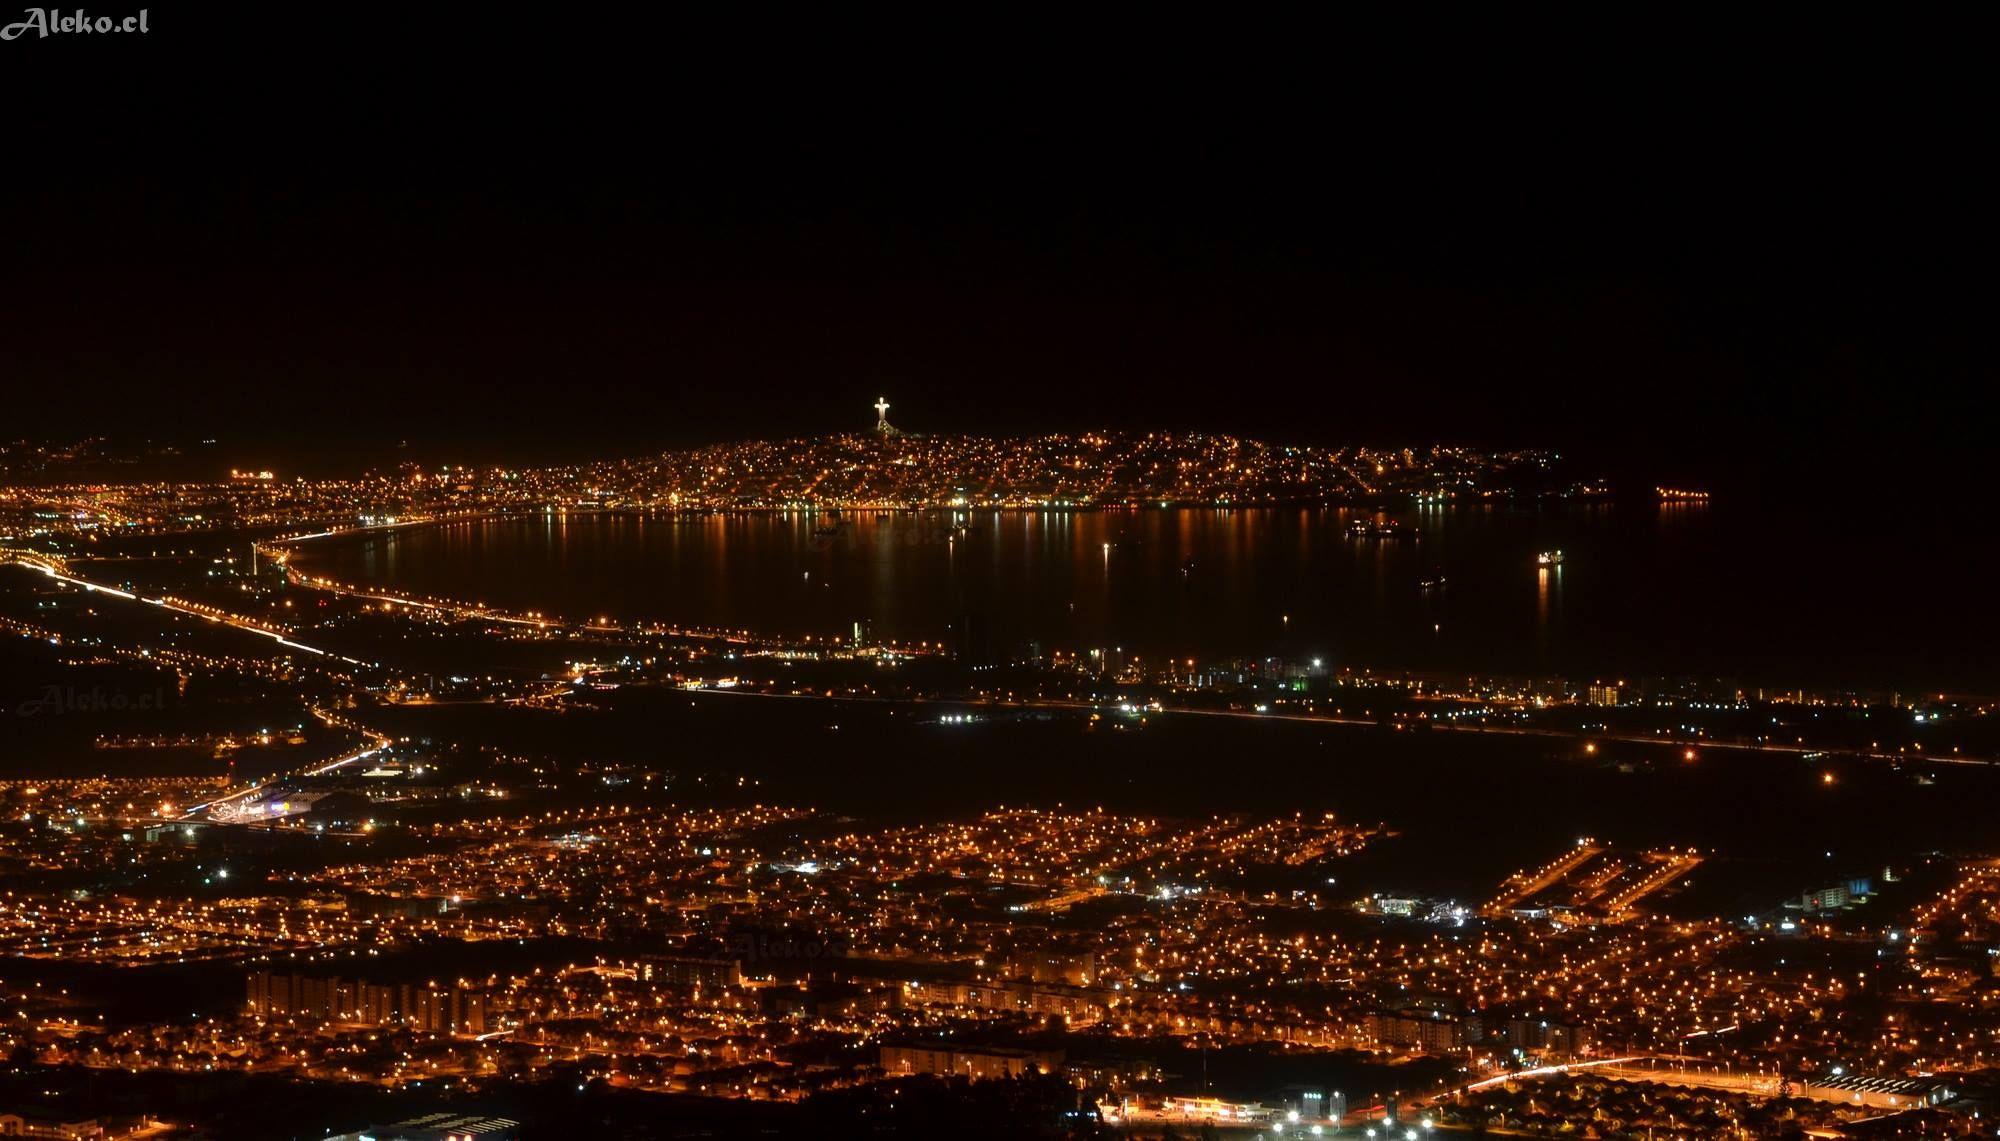 Coquimbo de Noche, foto de Aleko